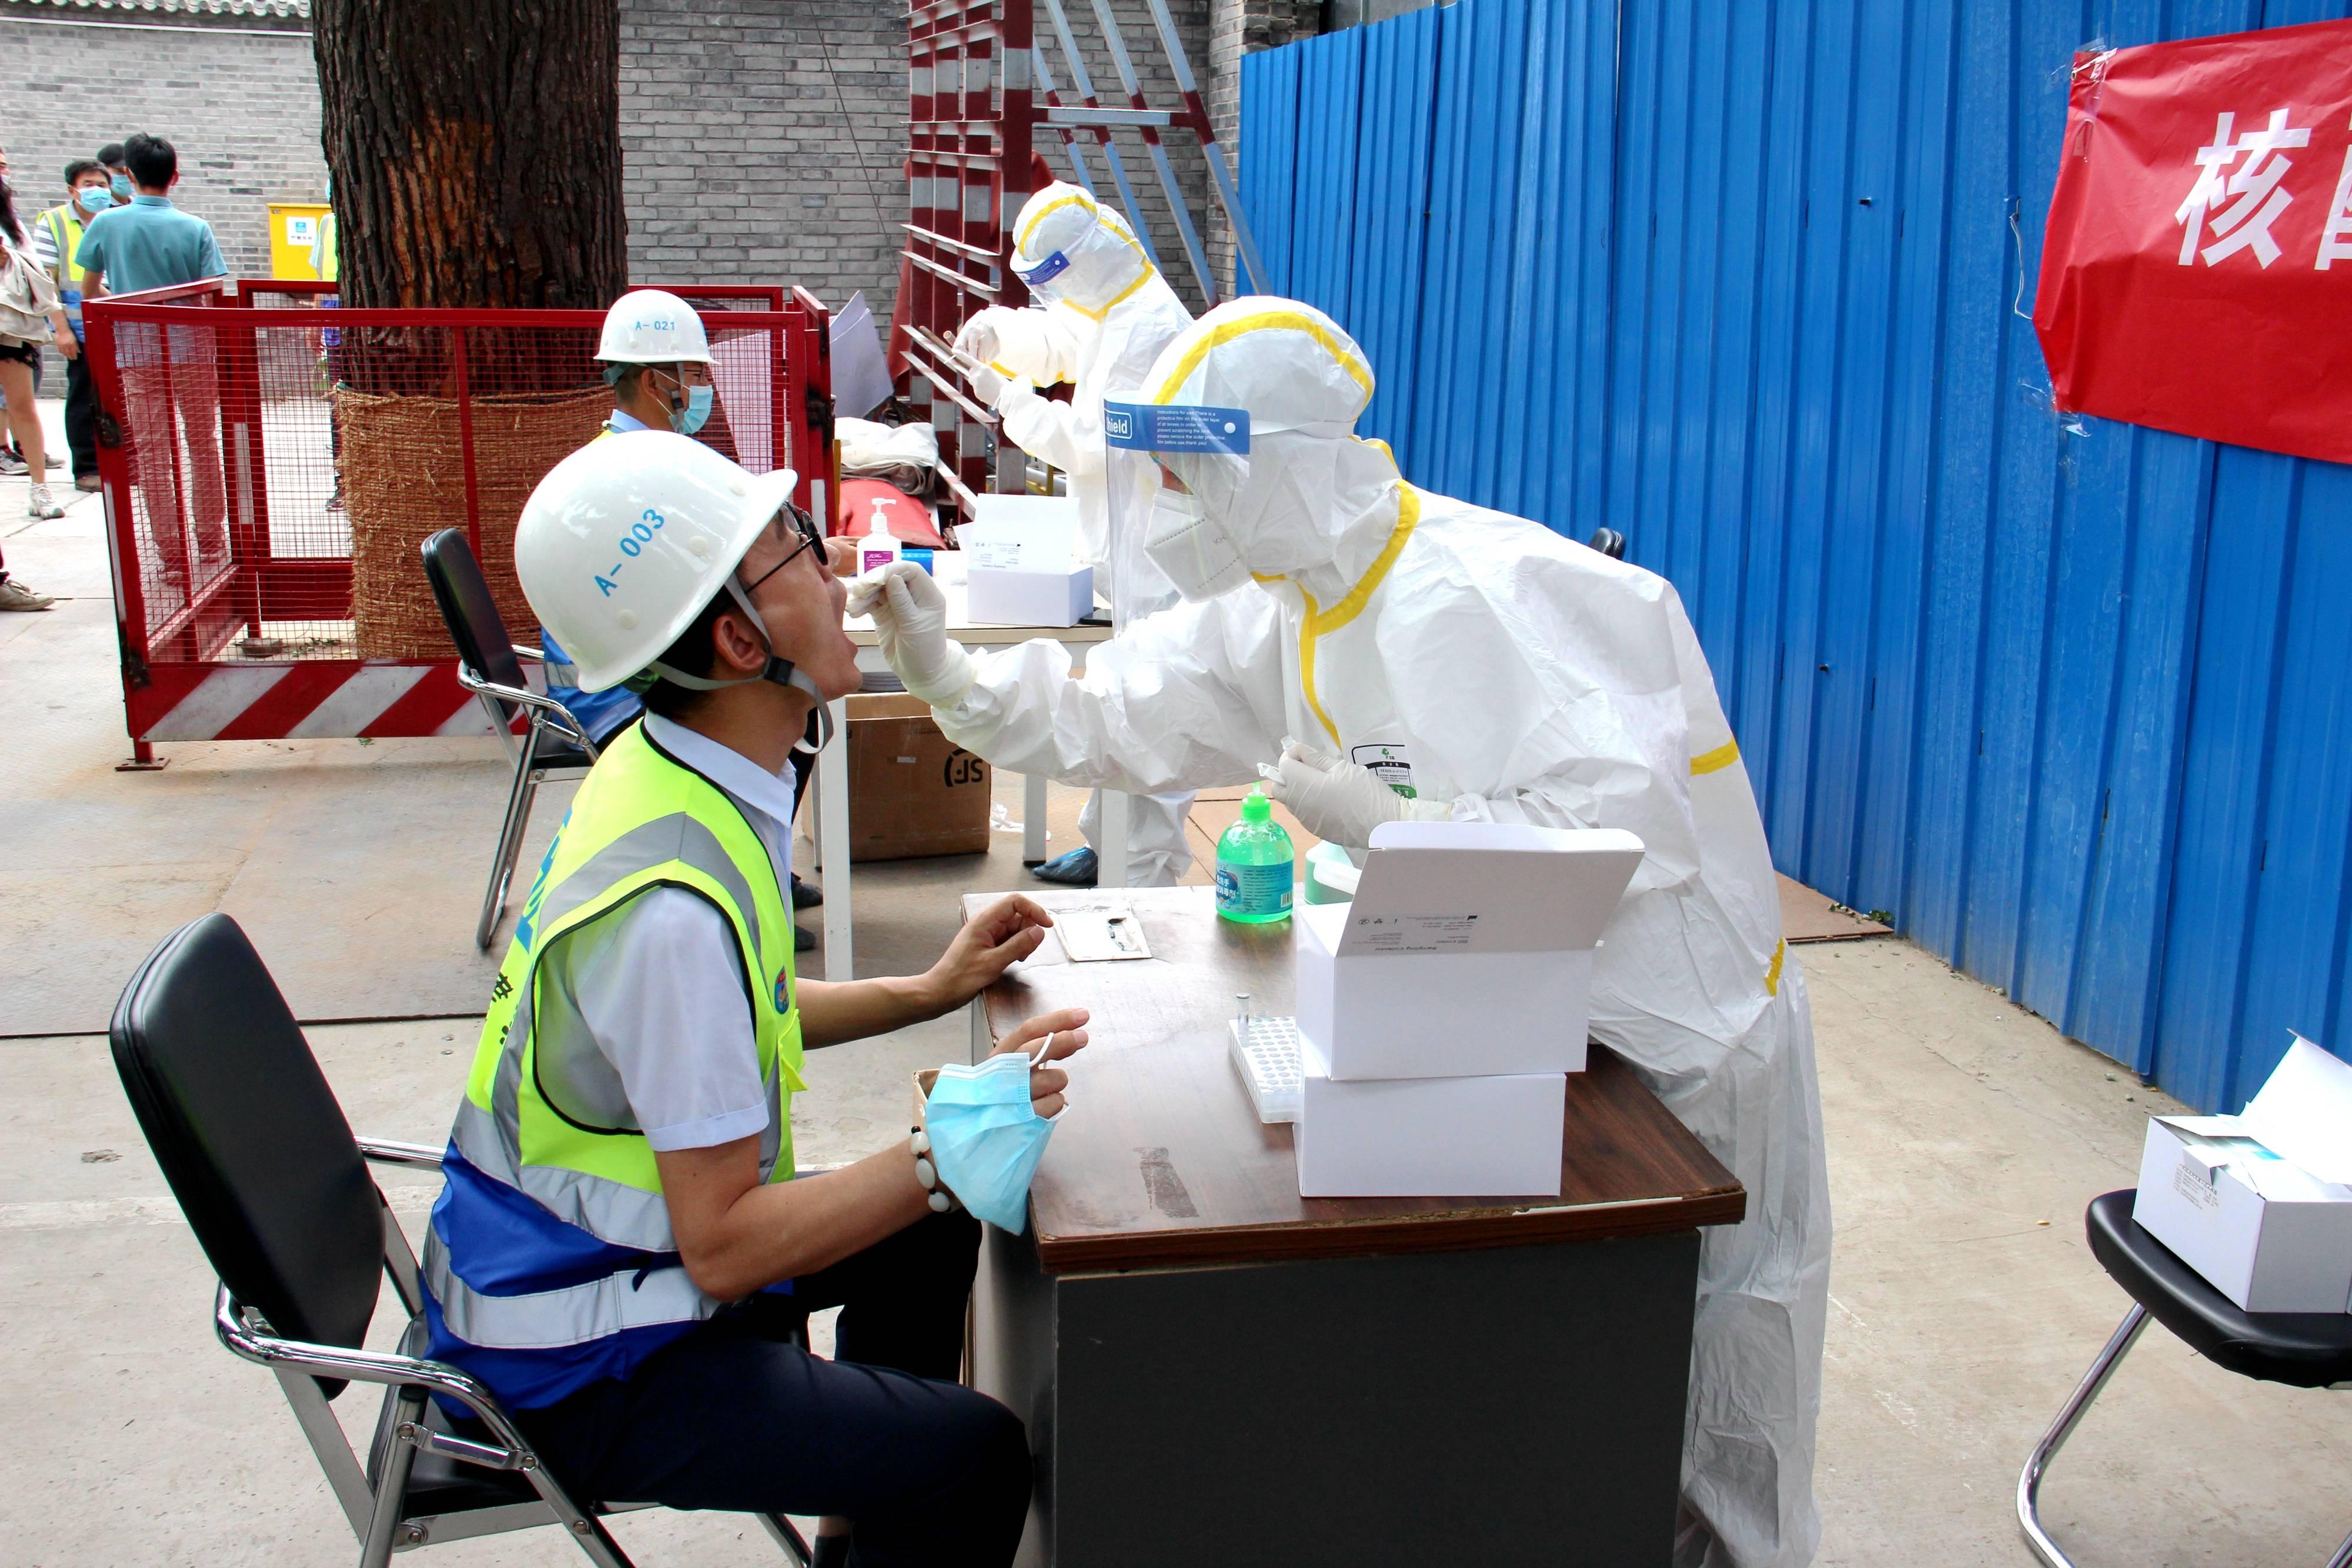 北京の集団感染ウイルスは欧州系 武漢は排除